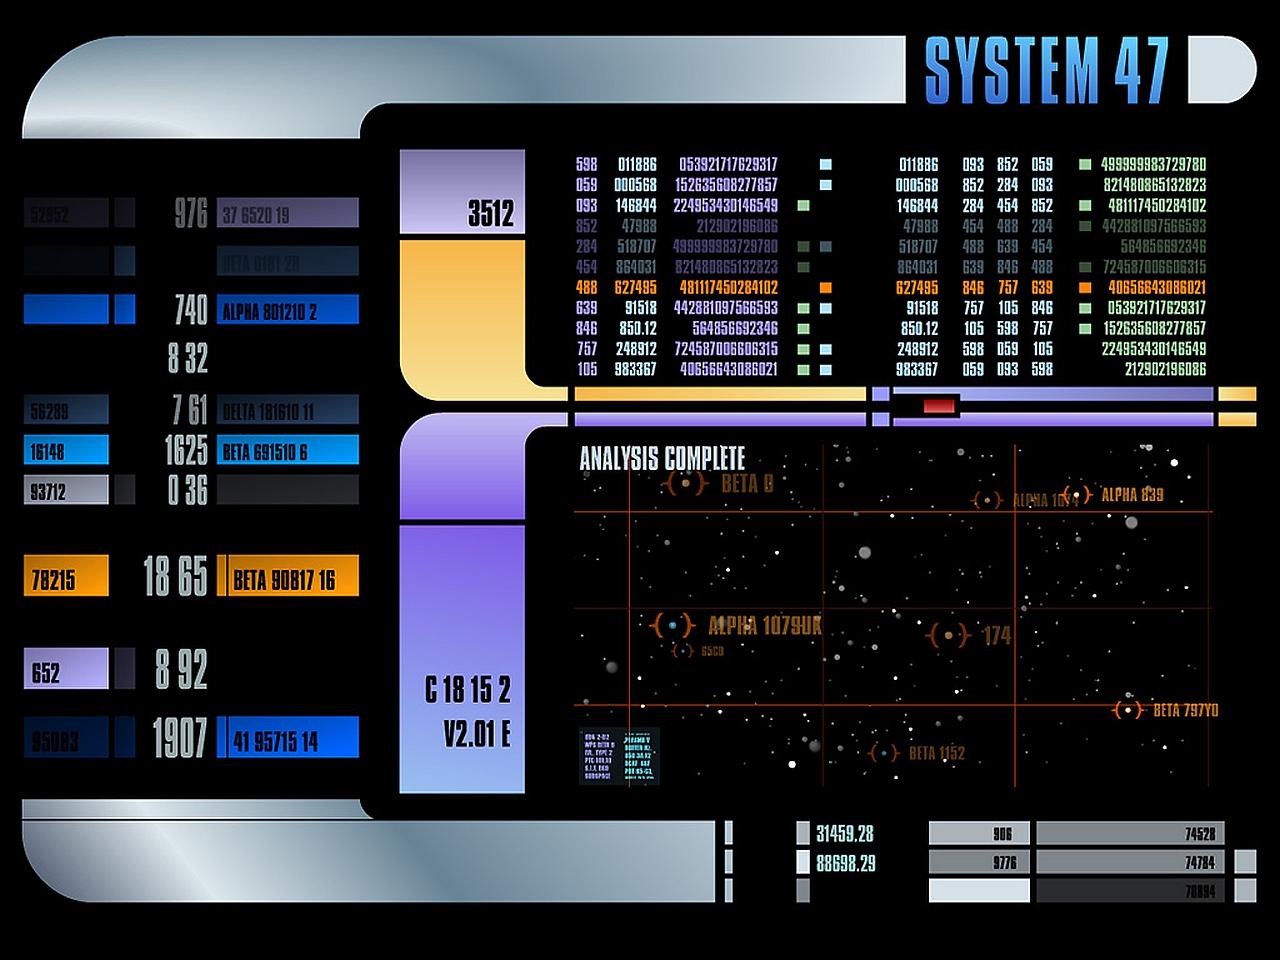 Star Trek Computer Wallpapers Desktop Backgrounds 1280x960 ID 1280x960